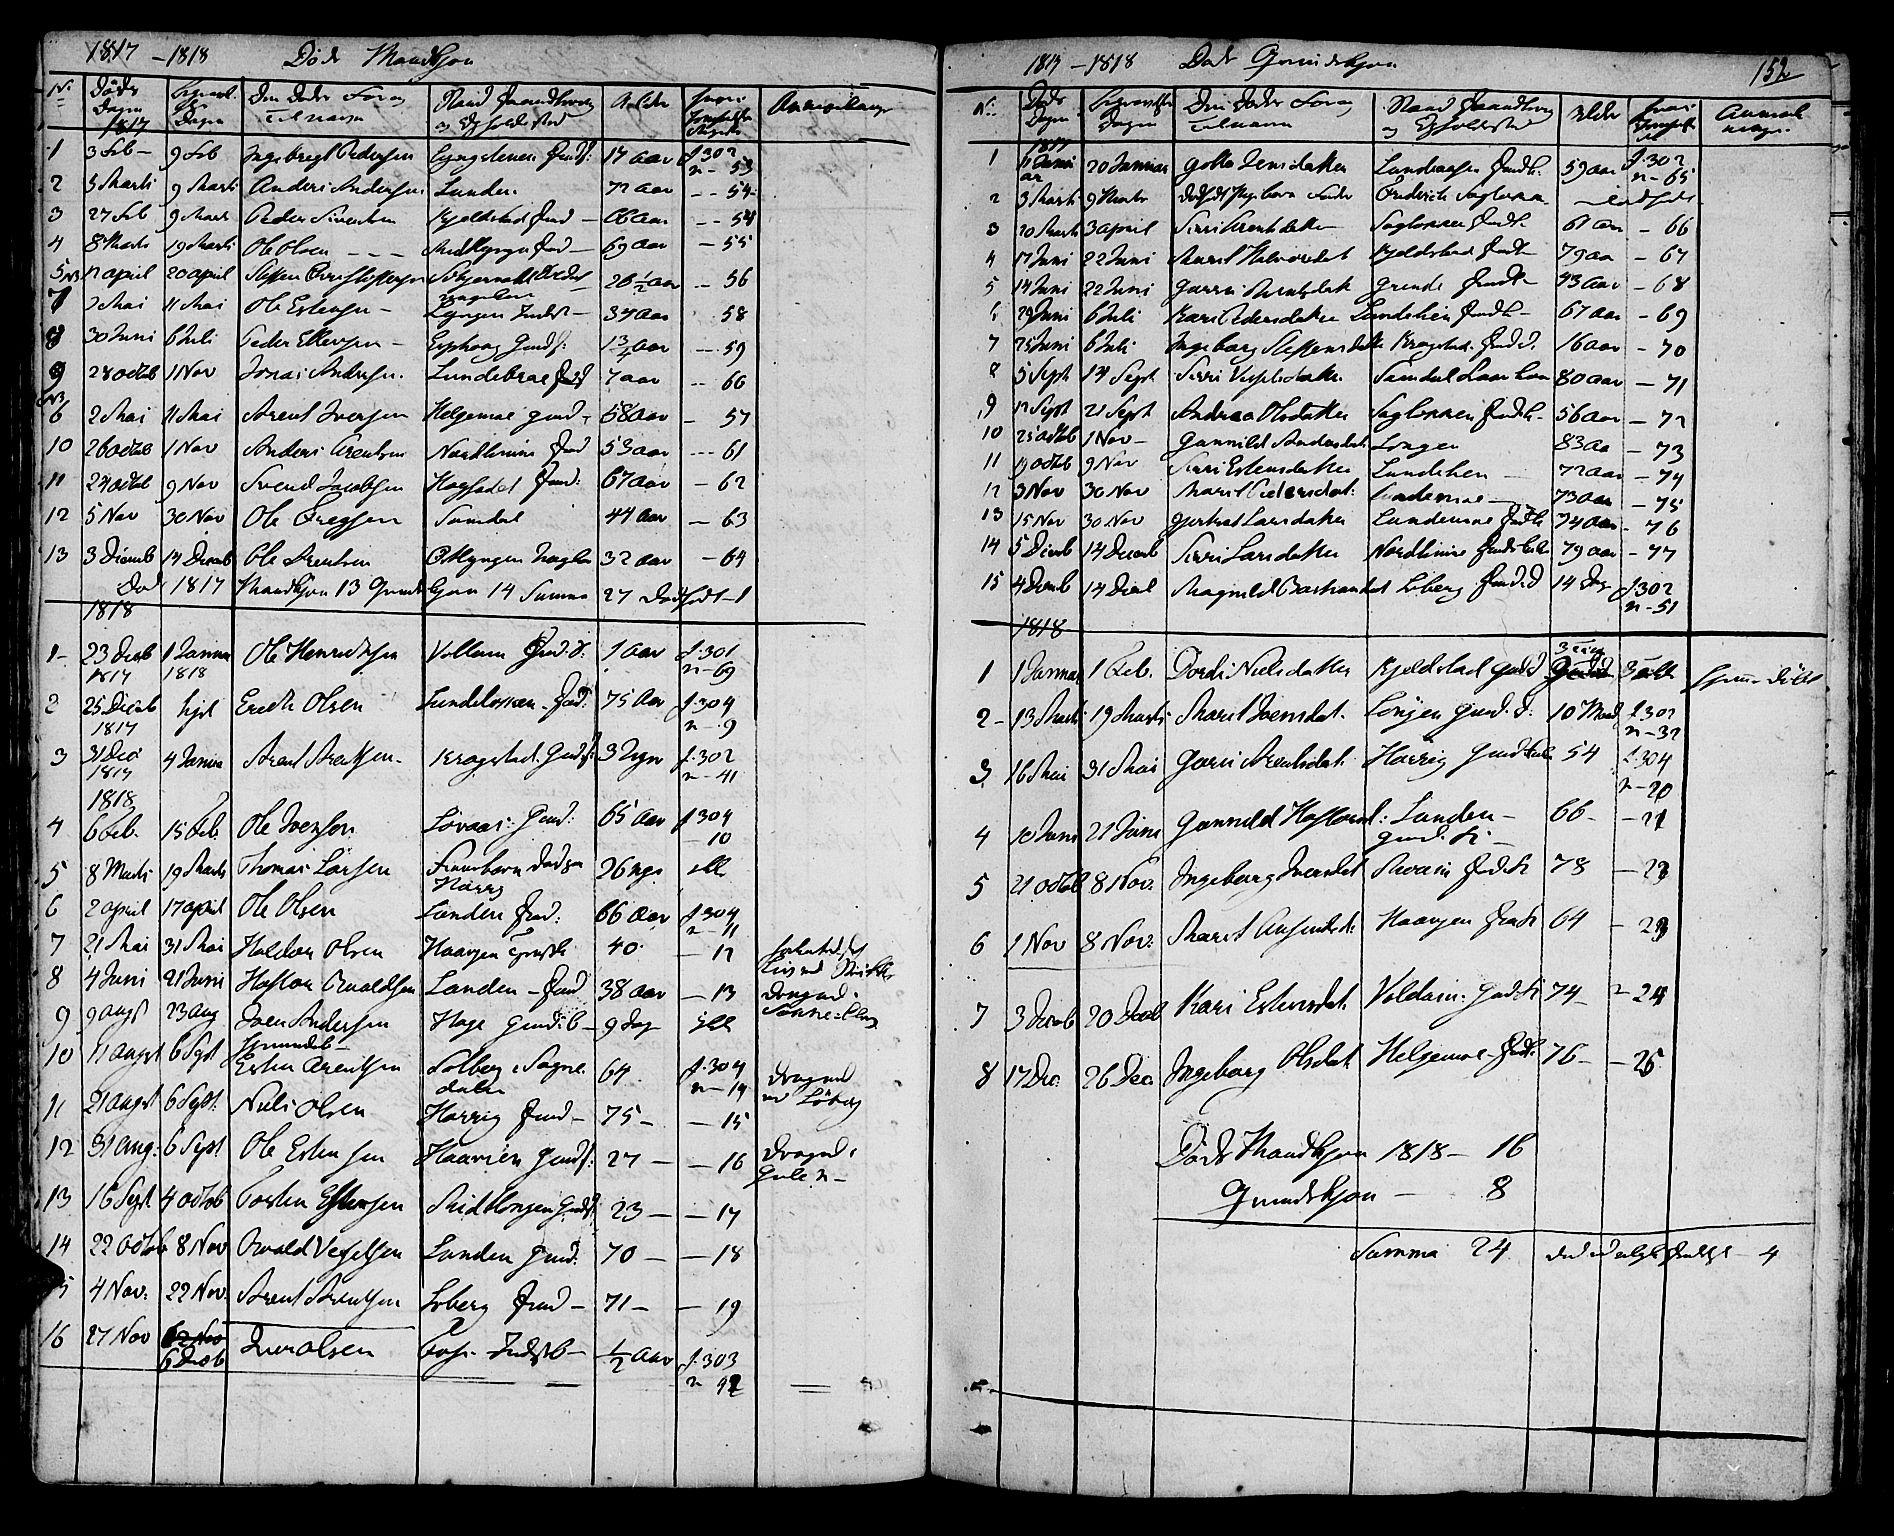 SAT, Ministerialprotokoller, klokkerbøker og fødselsregistre - Sør-Trøndelag, 692/L1108: Klokkerbok nr. 692C03, 1816-1833, s. 152